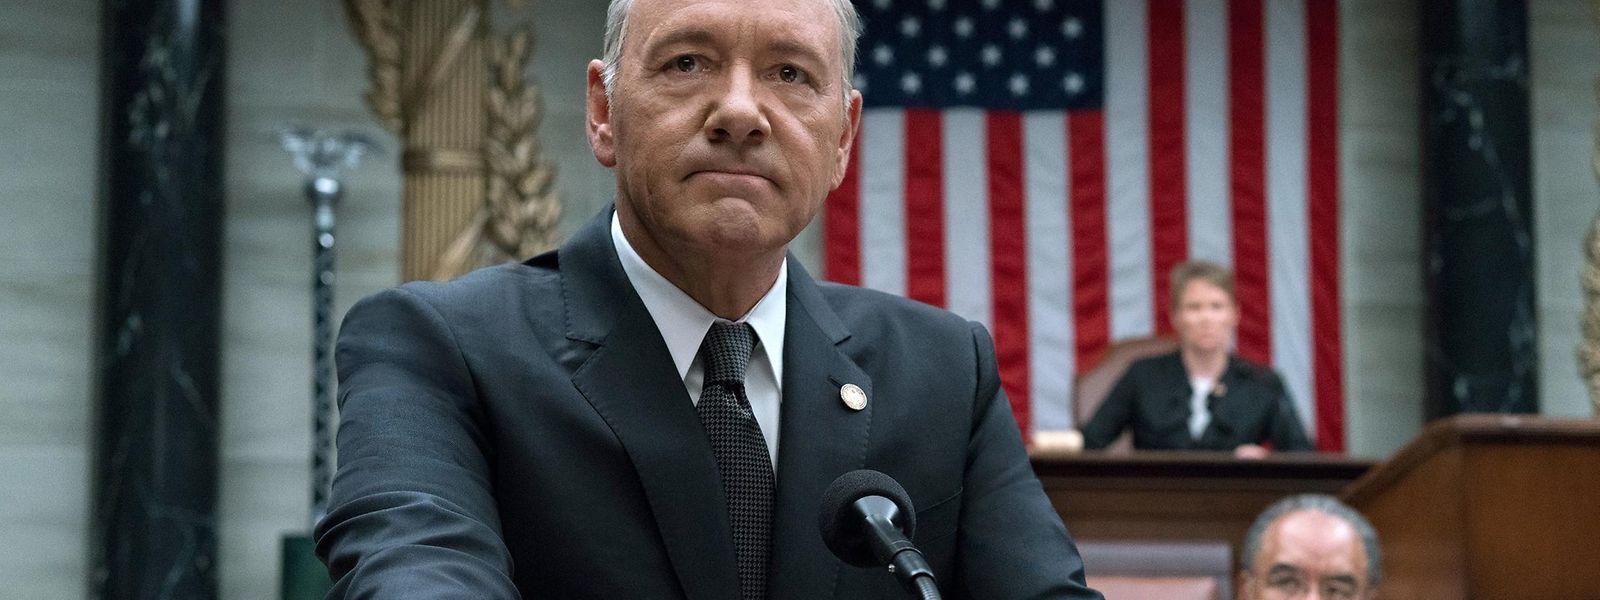 """Dem preisgekrönten Polit-Drama """"House of Cards"""" ging nach sechs Staffeln langsam die Luft aus."""